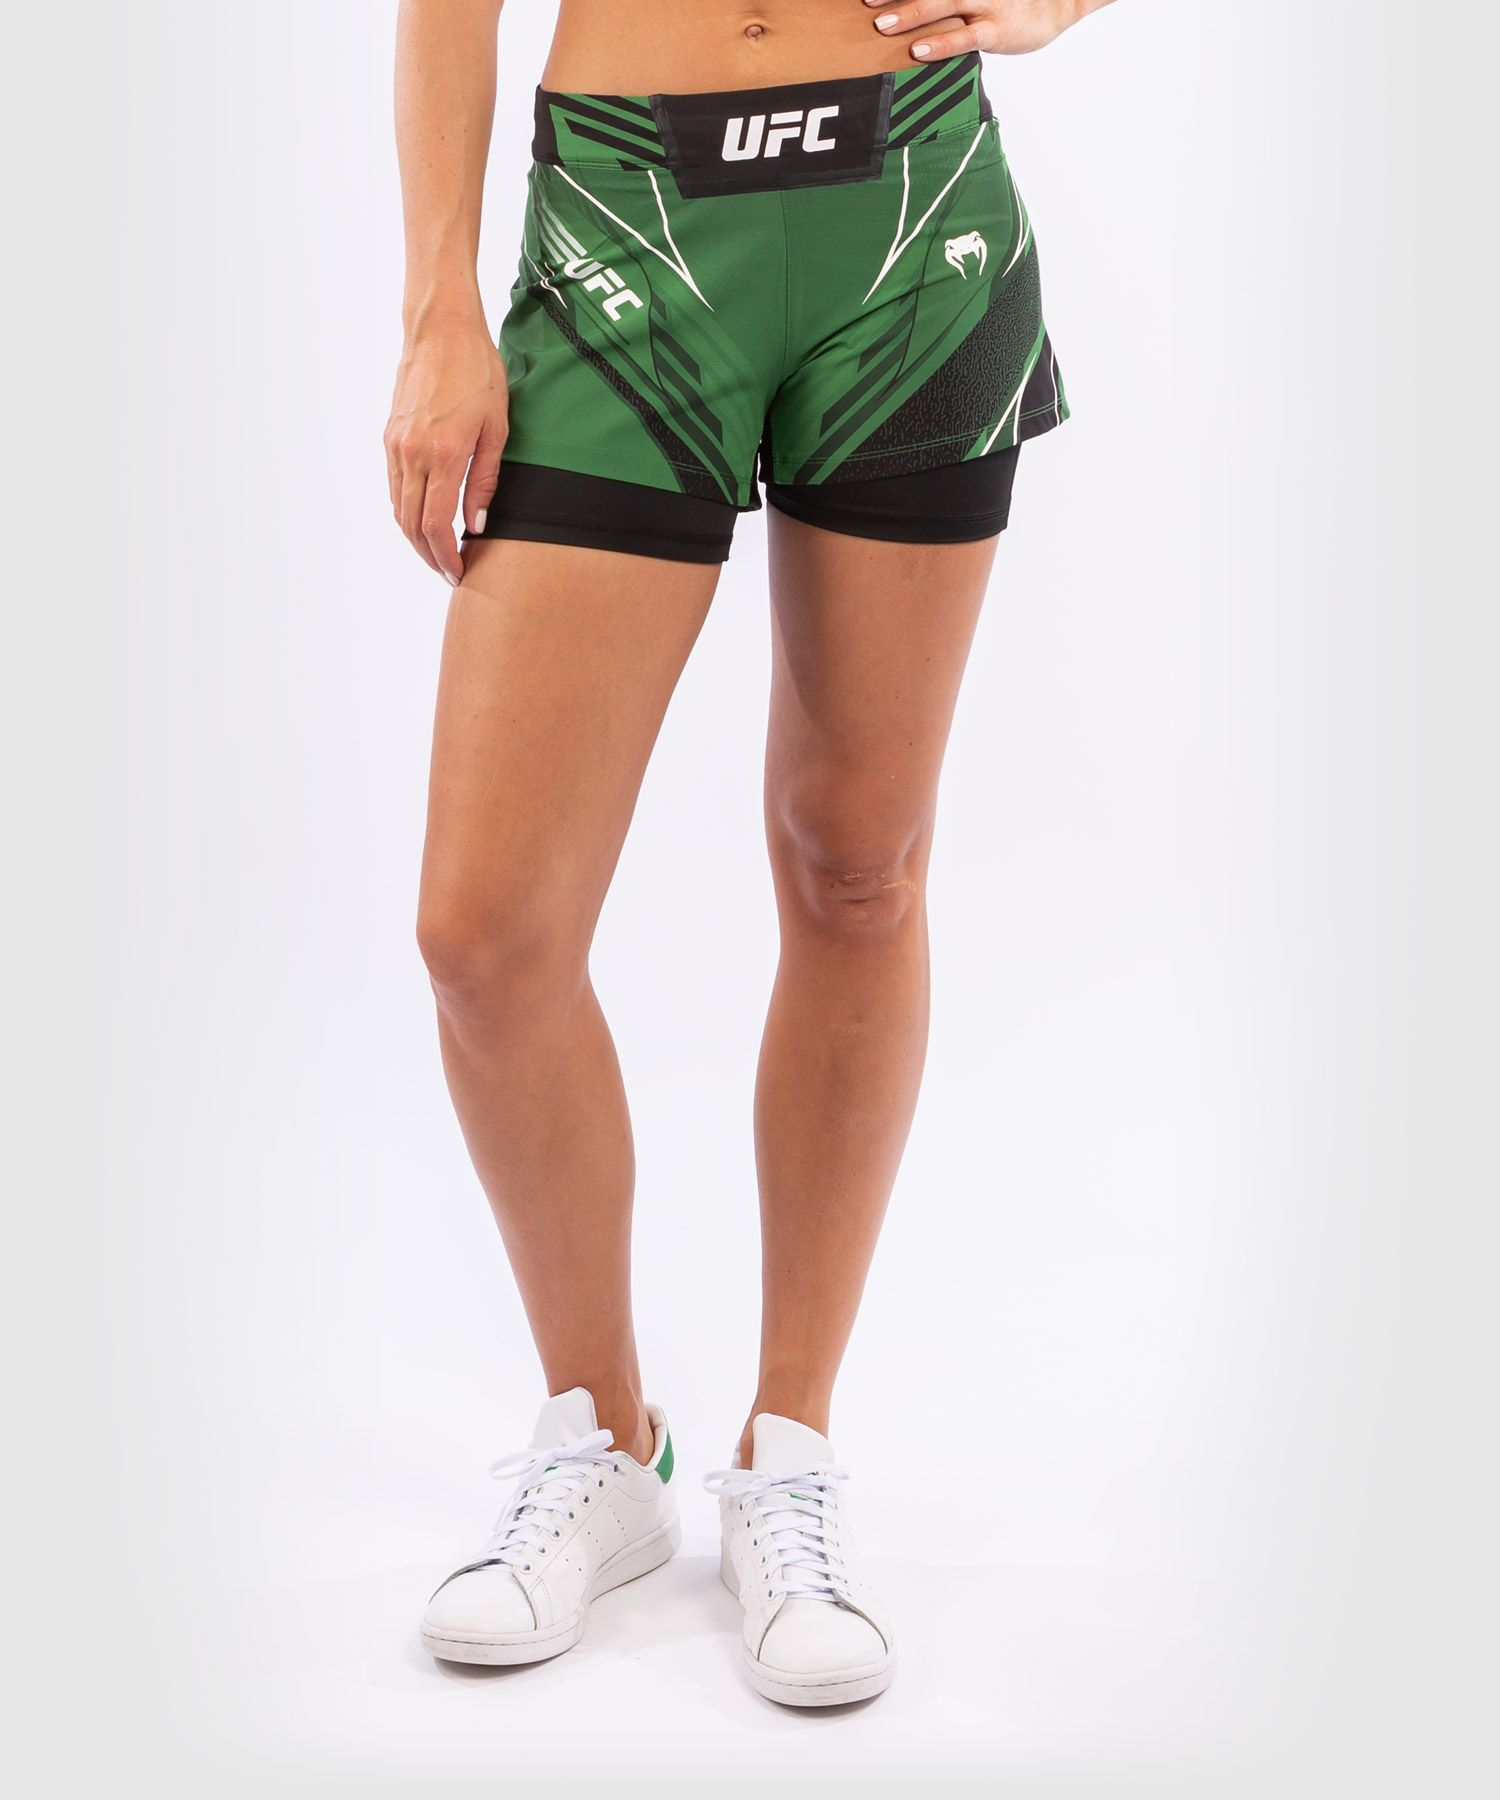 UFC 베넘 어쎈틱 파이트 나이트 여성 쇼츠 - 숏 핏 - 초록